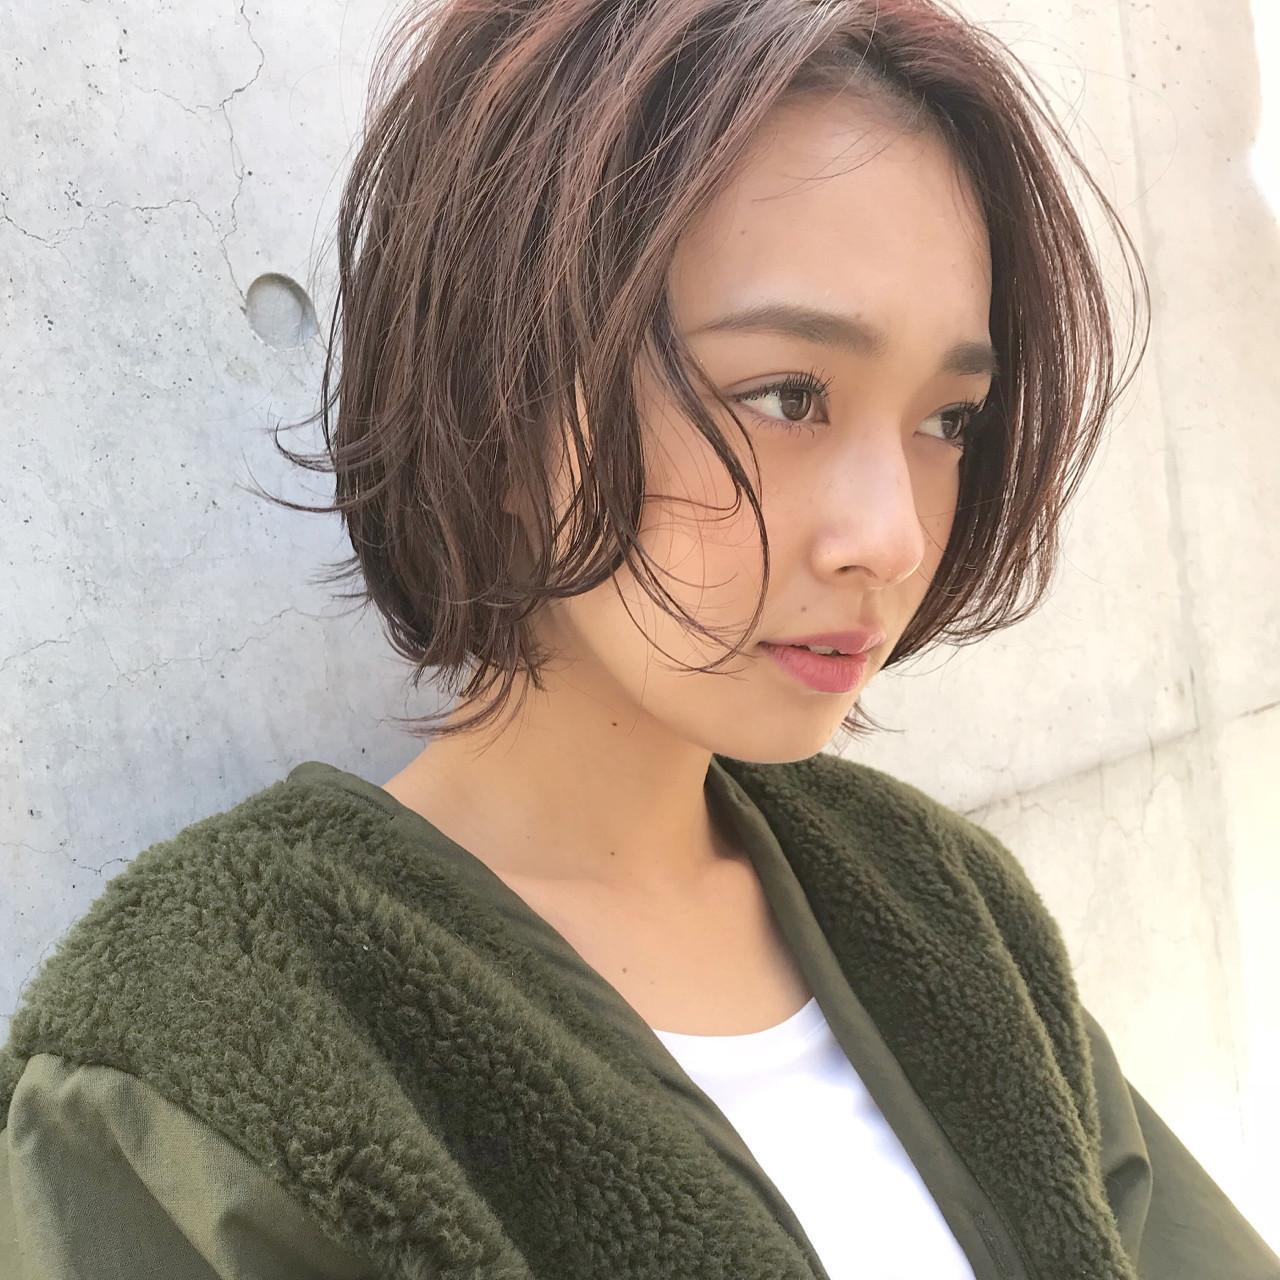 50689df86940a 女性もアップバングでおしゃれでかわいいヘアスタイルができるんです。特にショートさんがアップバングにすることで、明るく華やかな印象に仕上がります♡